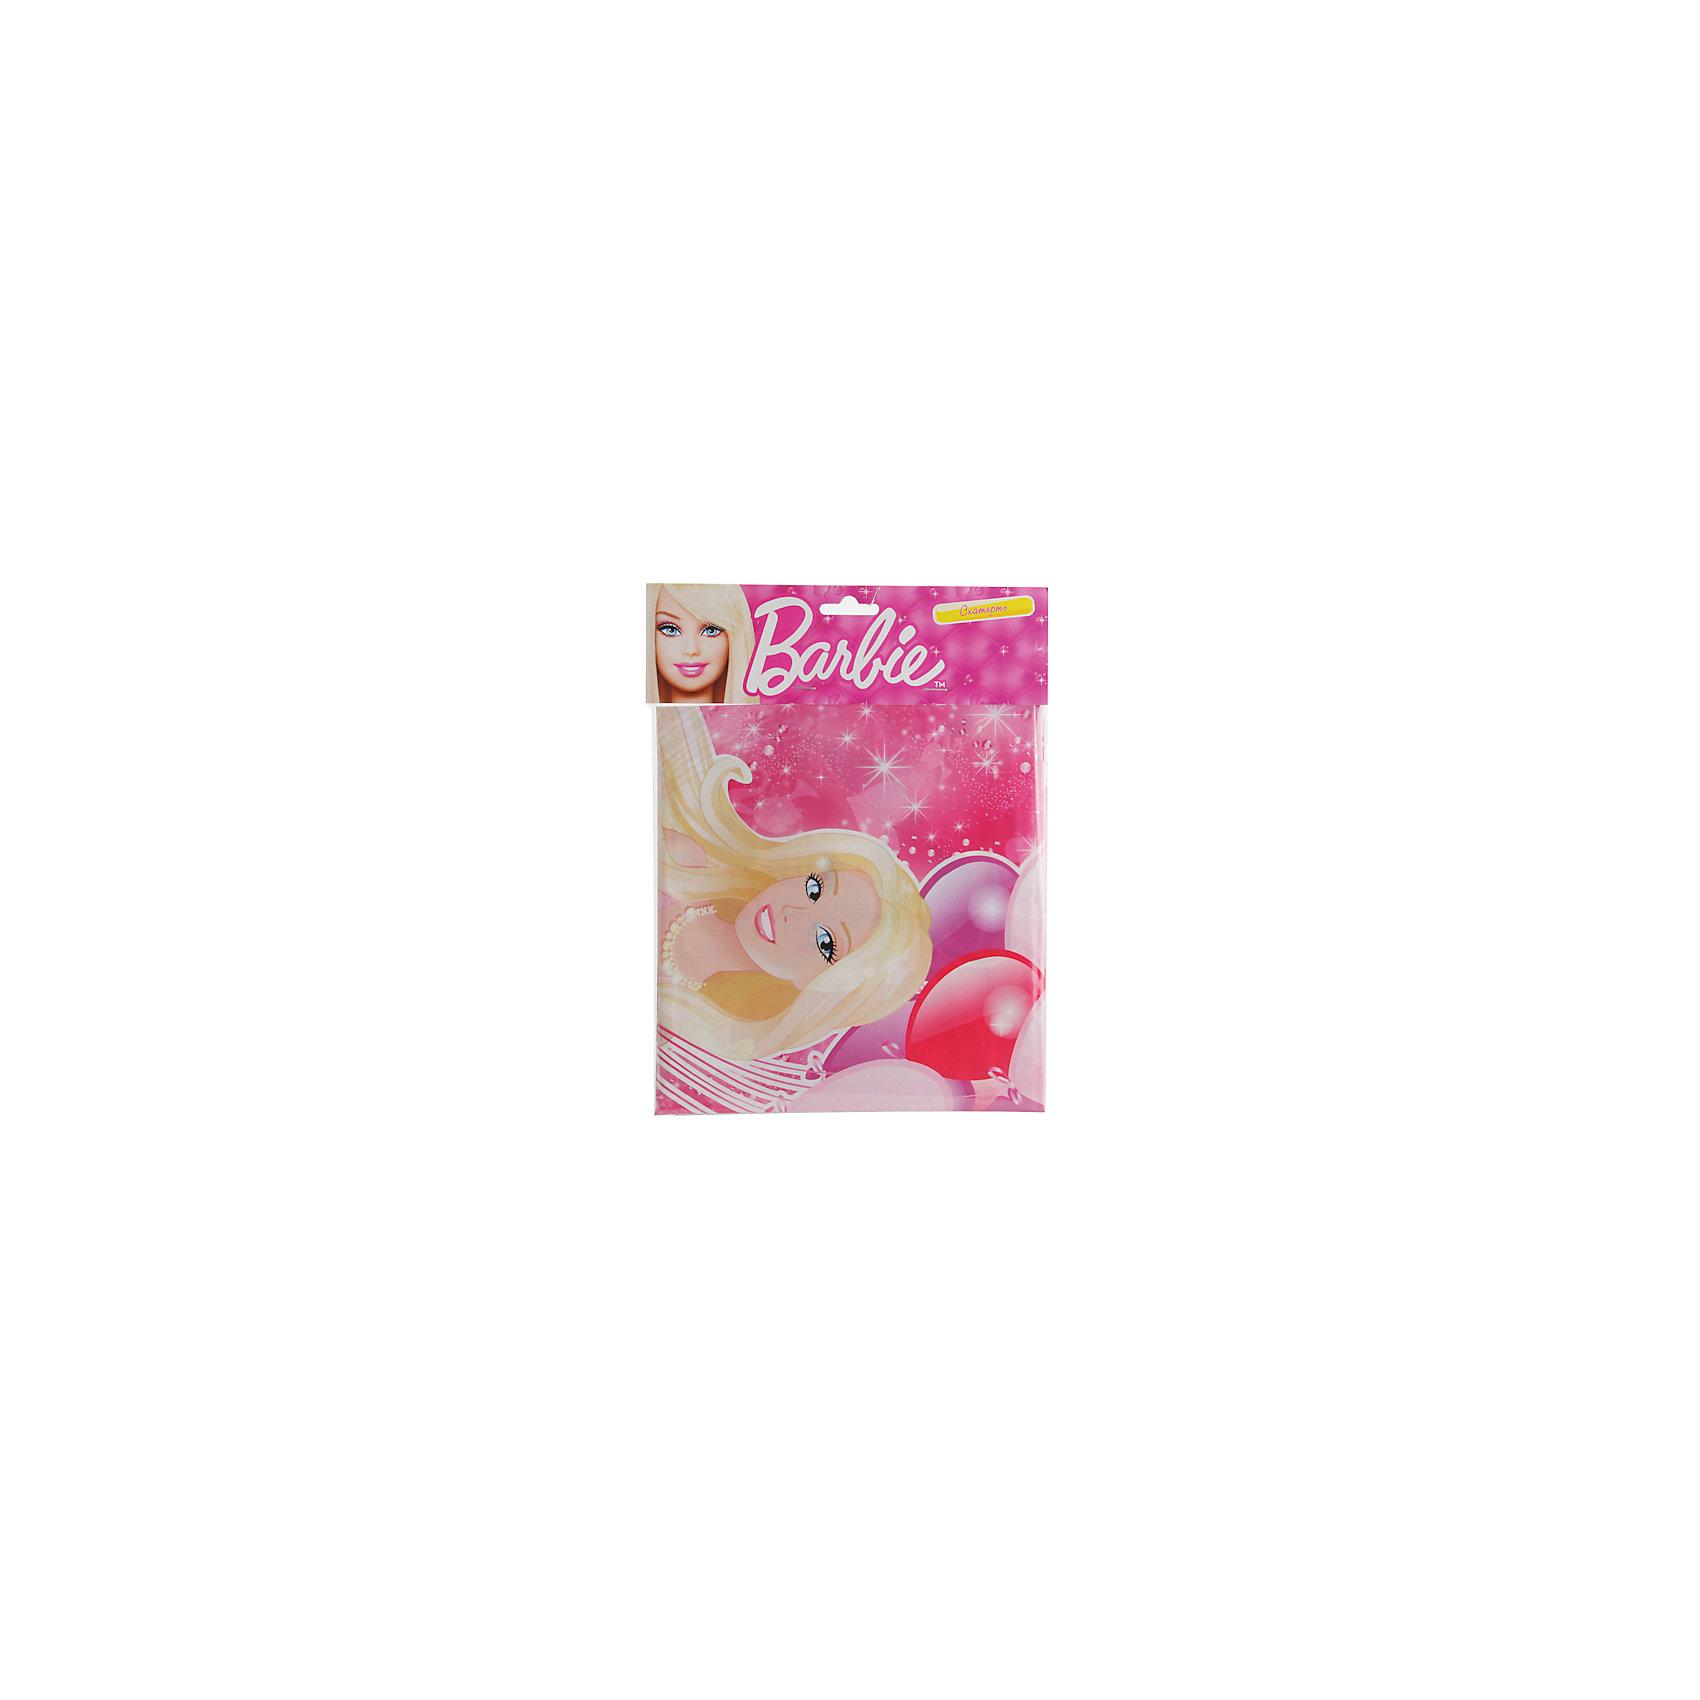 Скатерть, BarbieСкатерть Barbie украсит девичий праздник, будь то день рождения с любимыми подружками или тематическая детская вечеринка! Одна из популярнейших кукол многих поколений, изображена на ярко-розовой скатерти в окружении ярких воздушных шаров. <br><br>Дополнительная информация:<br><br>- Материал: полиэтилен.<br>- Размер скатерти: 180х140 см.<br>- Размер упаковки: 22х28х1 см.<br>- Вес в упаковке: 90 г.<br><br>Купить скатерть, Barbie, можно в нашем магазине.<br><br>Ширина мм: 22<br>Глубина мм: 28<br>Высота мм: 1<br>Вес г: 90<br>Возраст от месяцев: 12<br>Возраст до месяцев: 2147483647<br>Пол: Женский<br>Возраст: Детский<br>SKU: 4797428